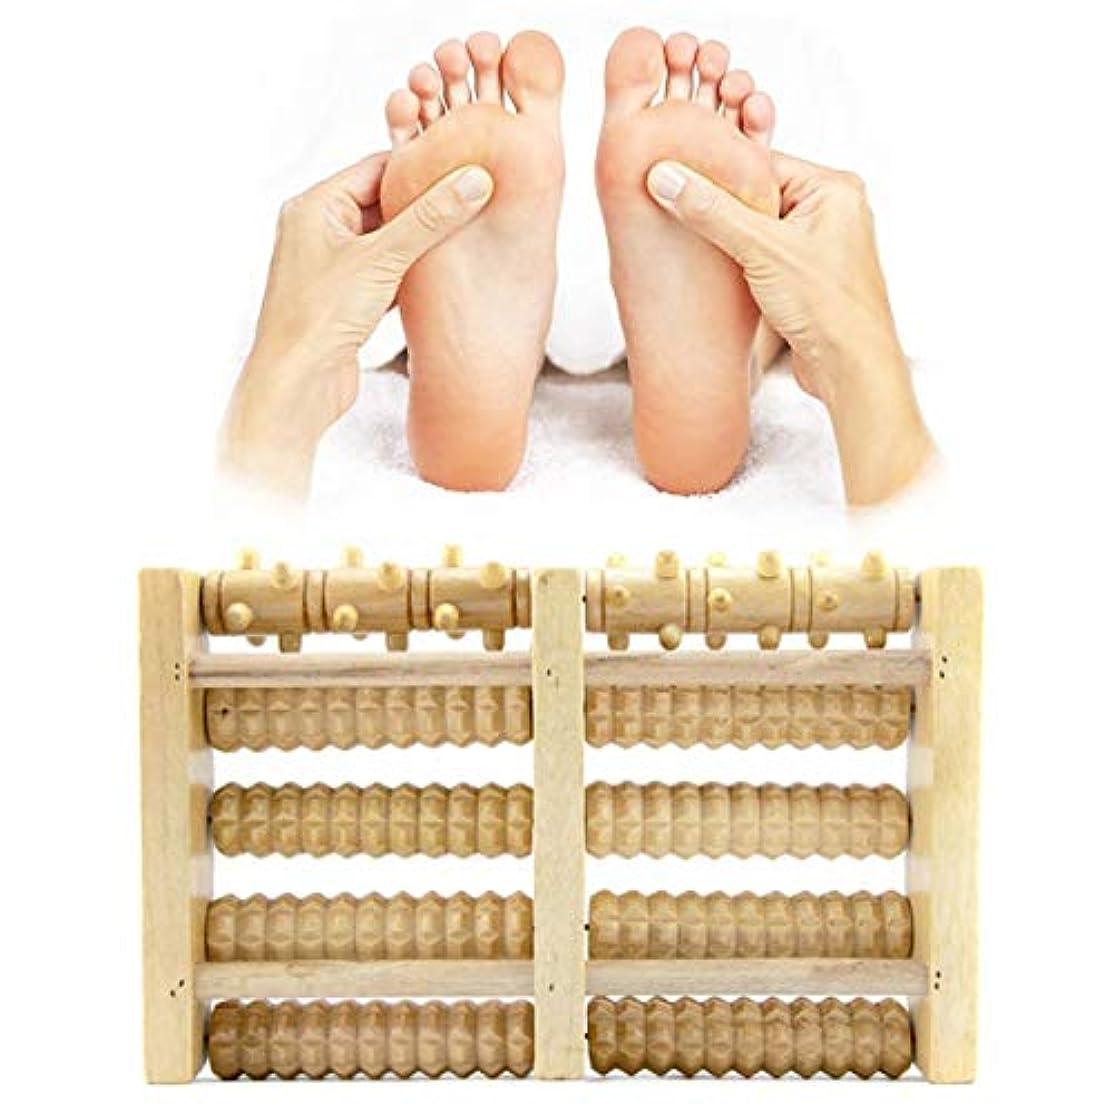 松明発明指令Wooden Foot Massager 5 Rollers Reflexology Relax Stress Pain Relief Blood Circulation Promotion Foot Care Instrument